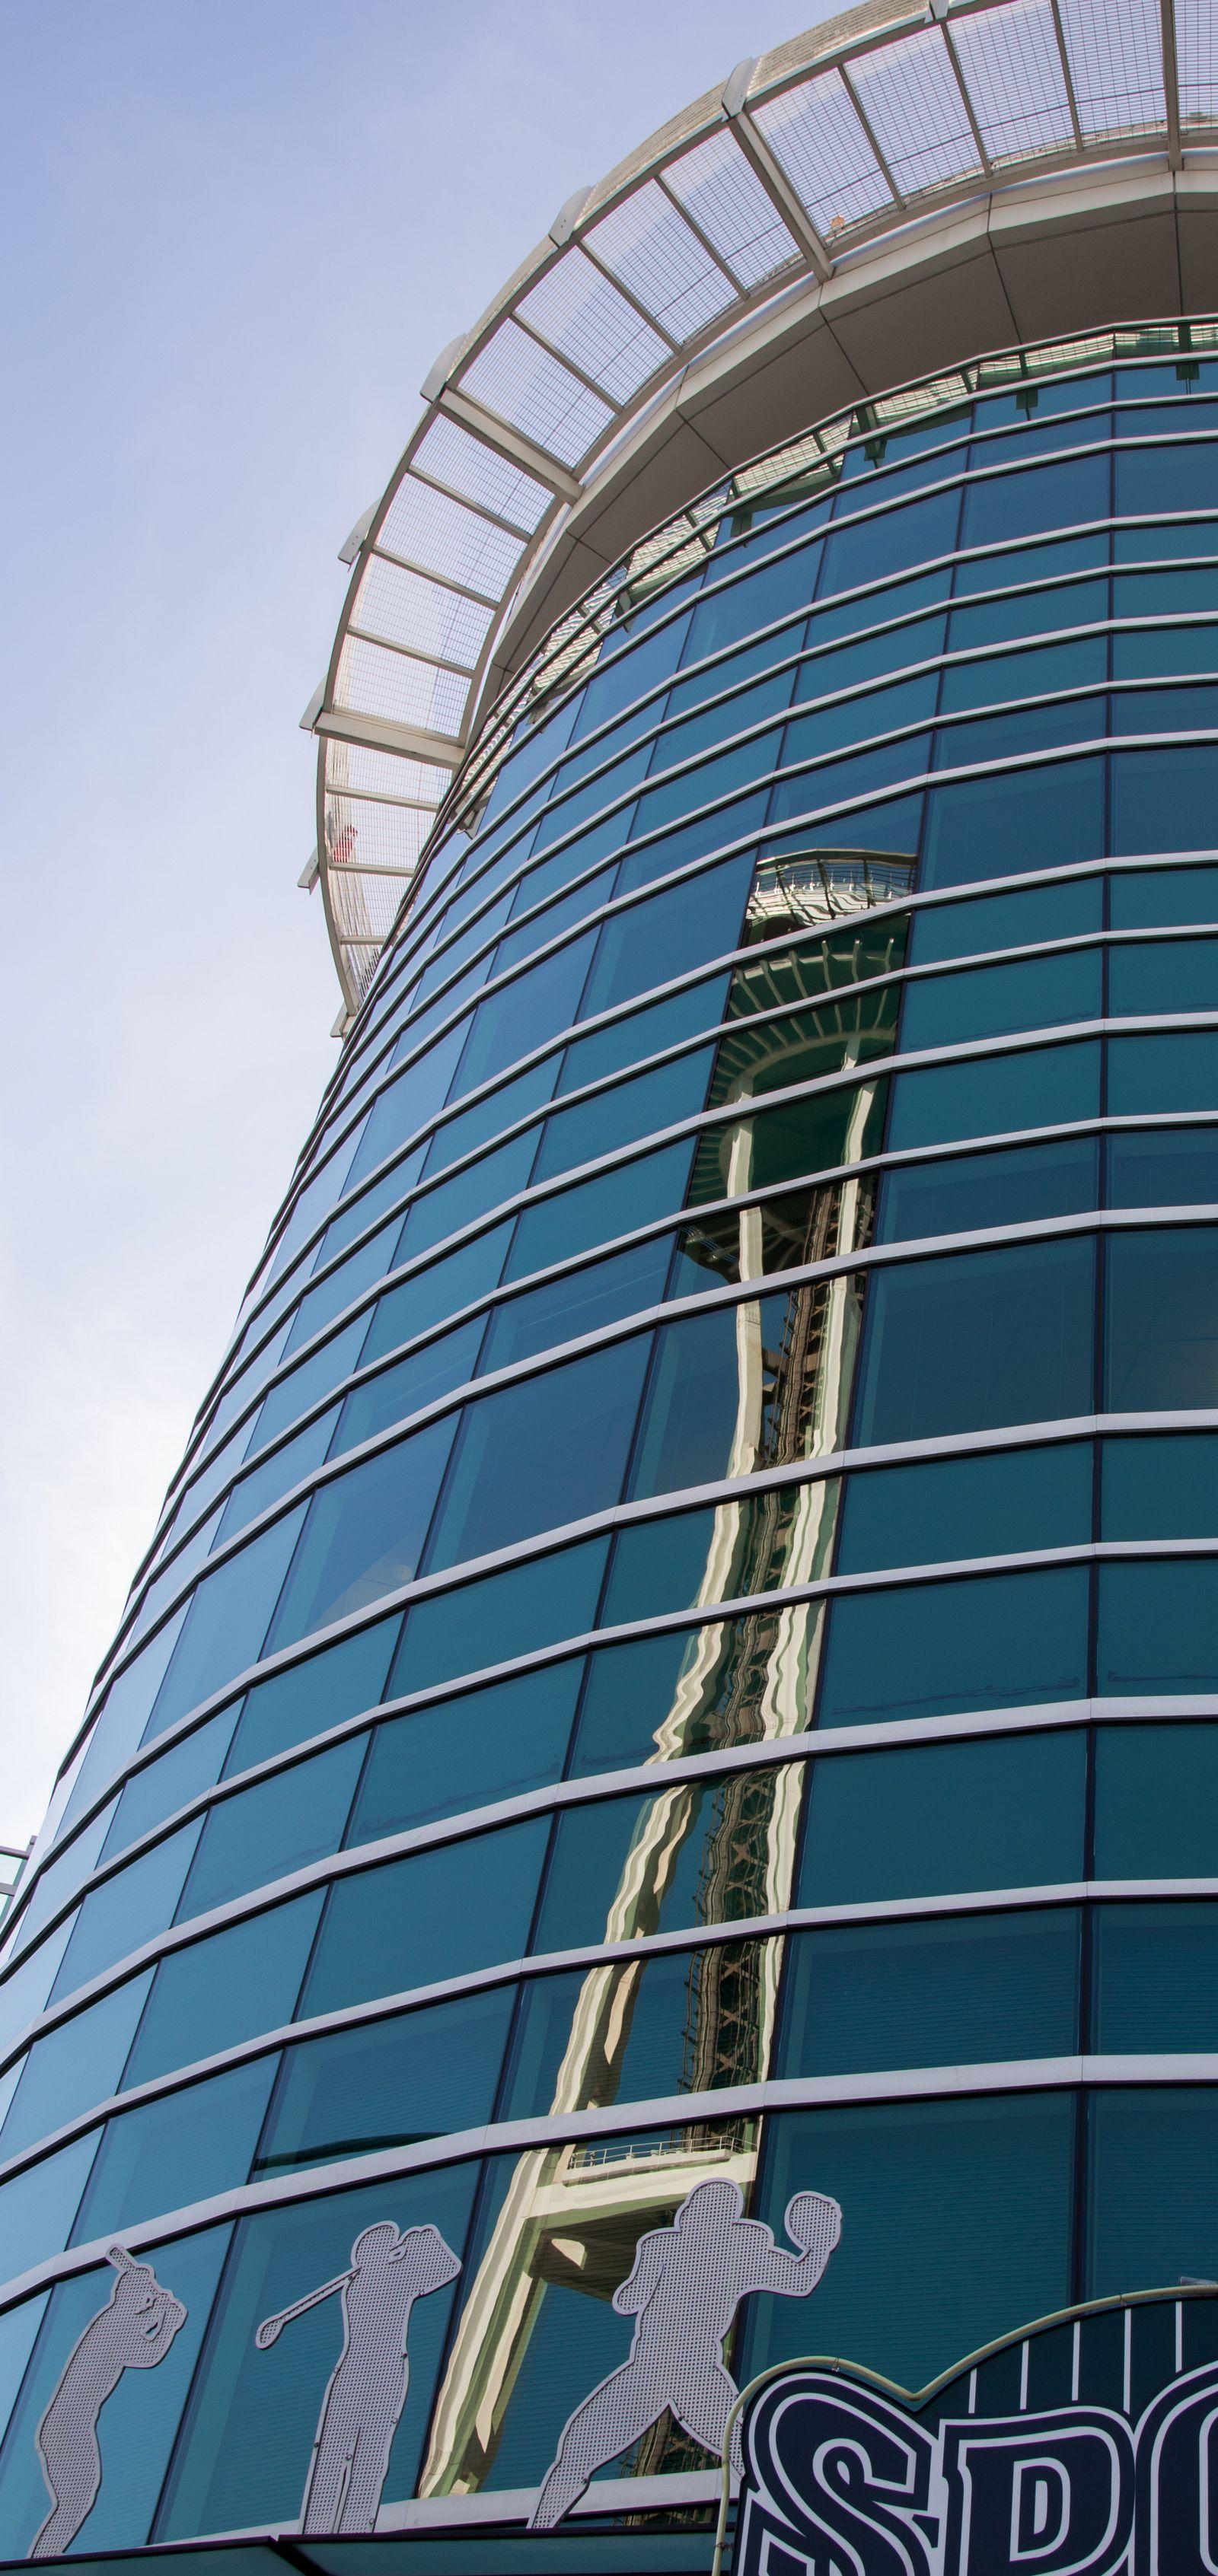 También reflejada en un edificio cercano...